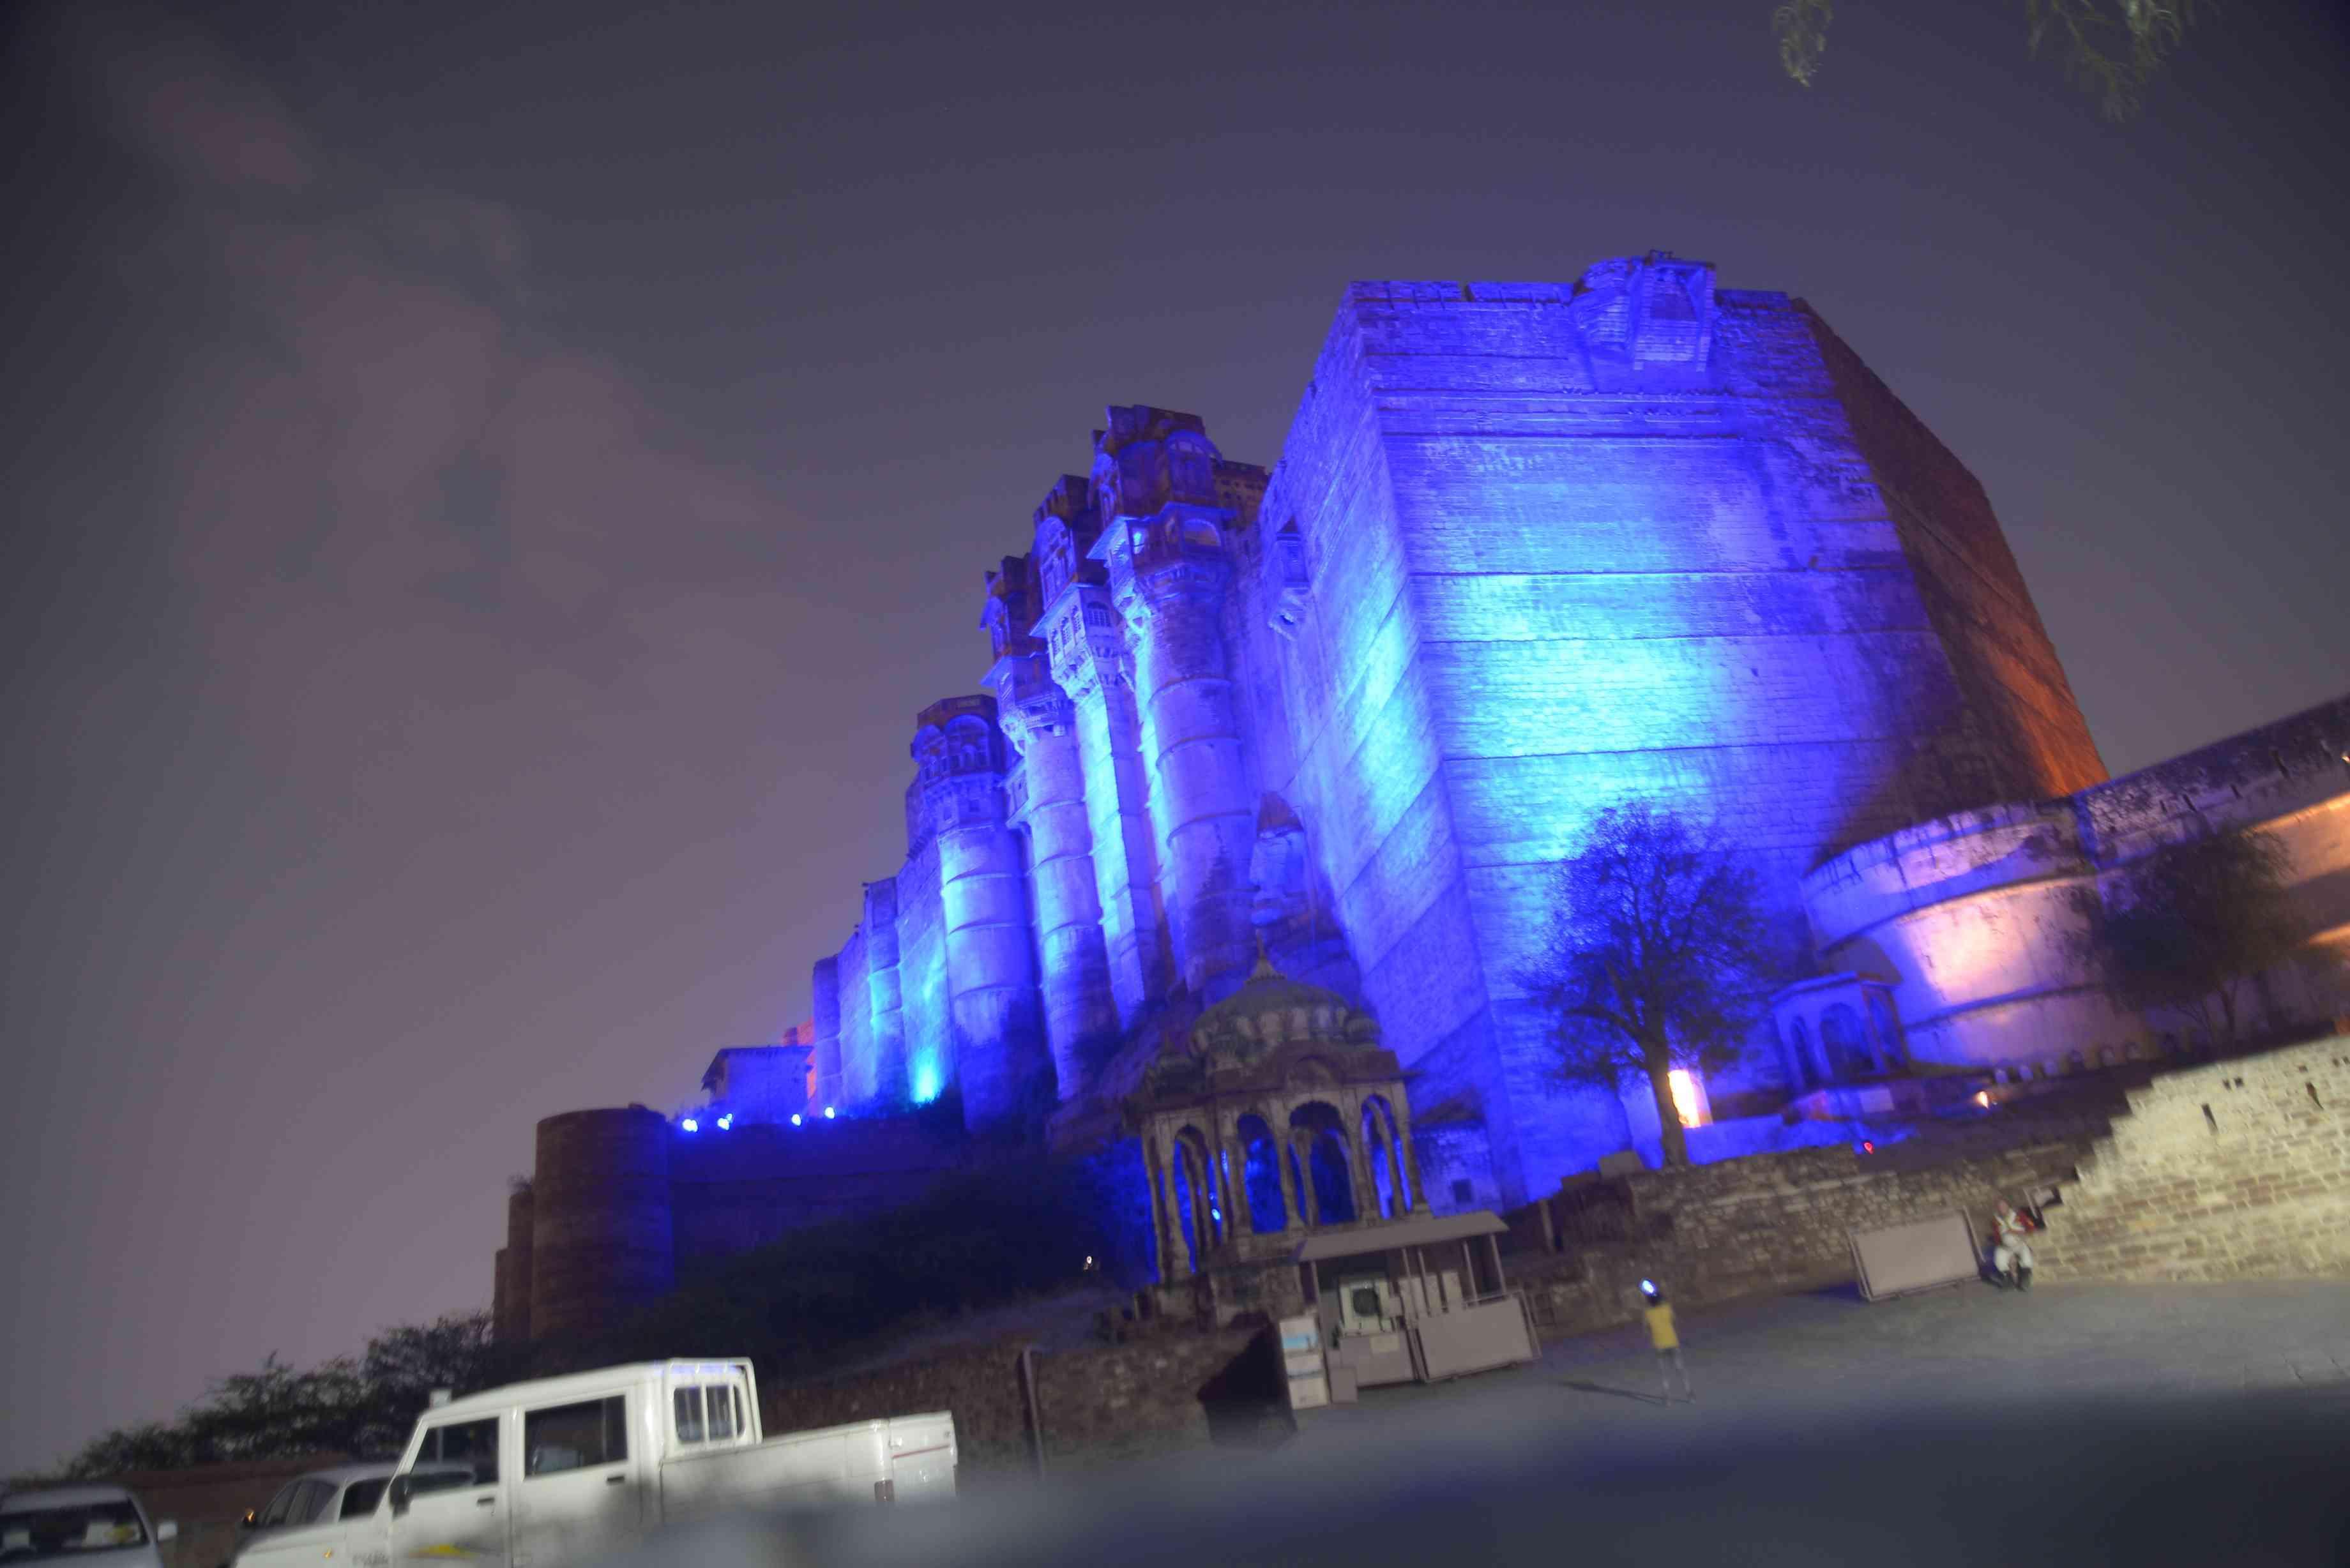 Jodhpur fort enlightened with blue light for diabetes awareness